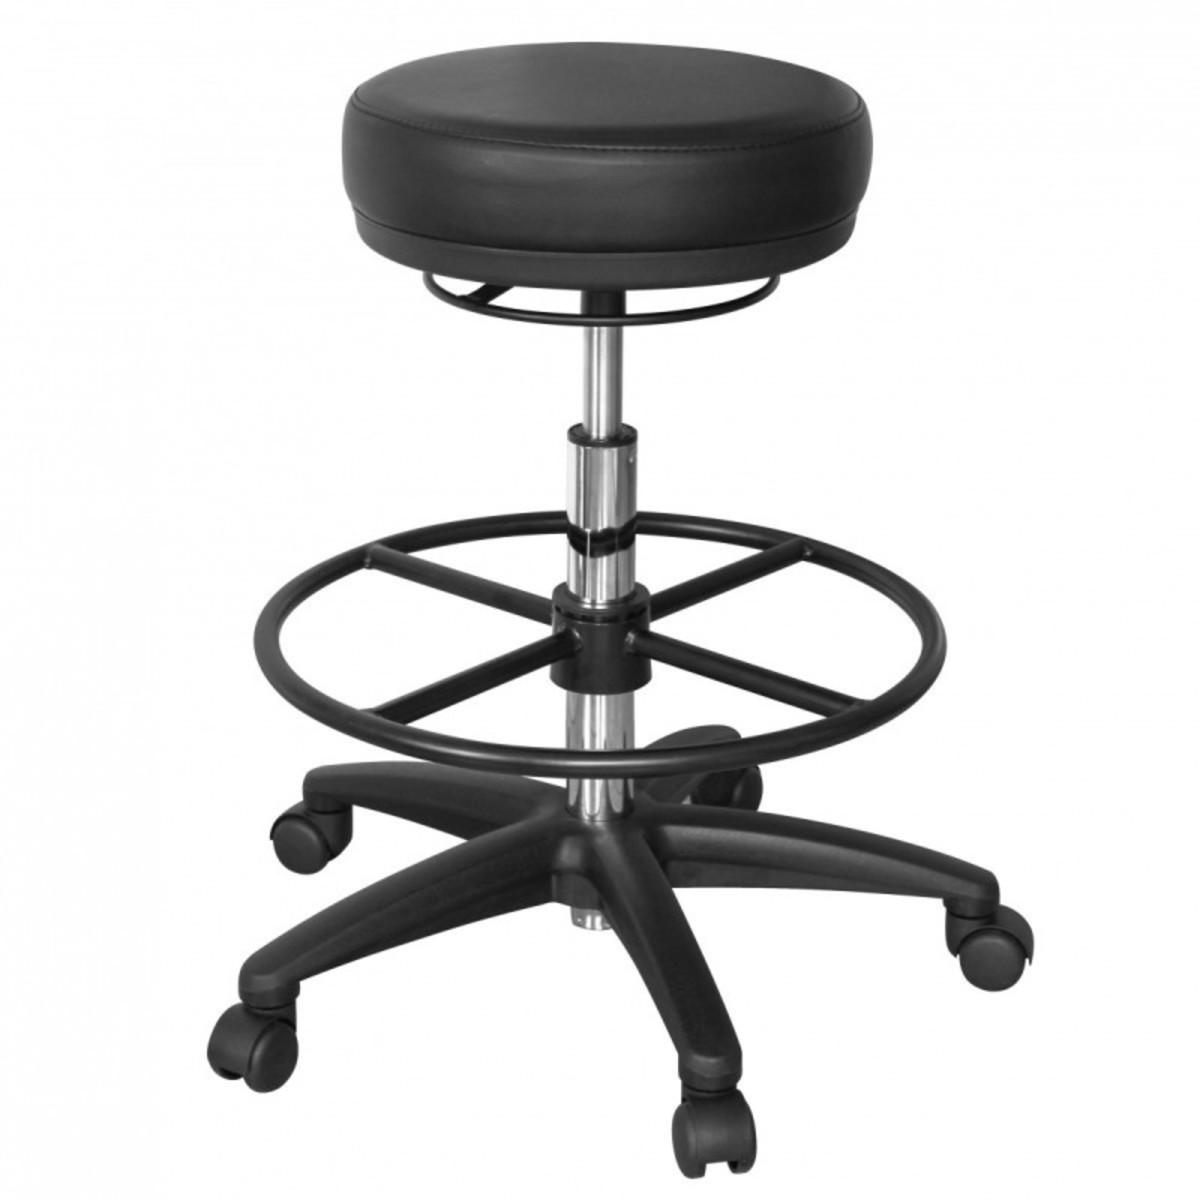 Bild 2 von AMSTYLE Arbeitshocker ROLAND Schwarz Rund Sitzhocker Rollen gebremst Arbeitsstuhl 120 KG Hocker höhe